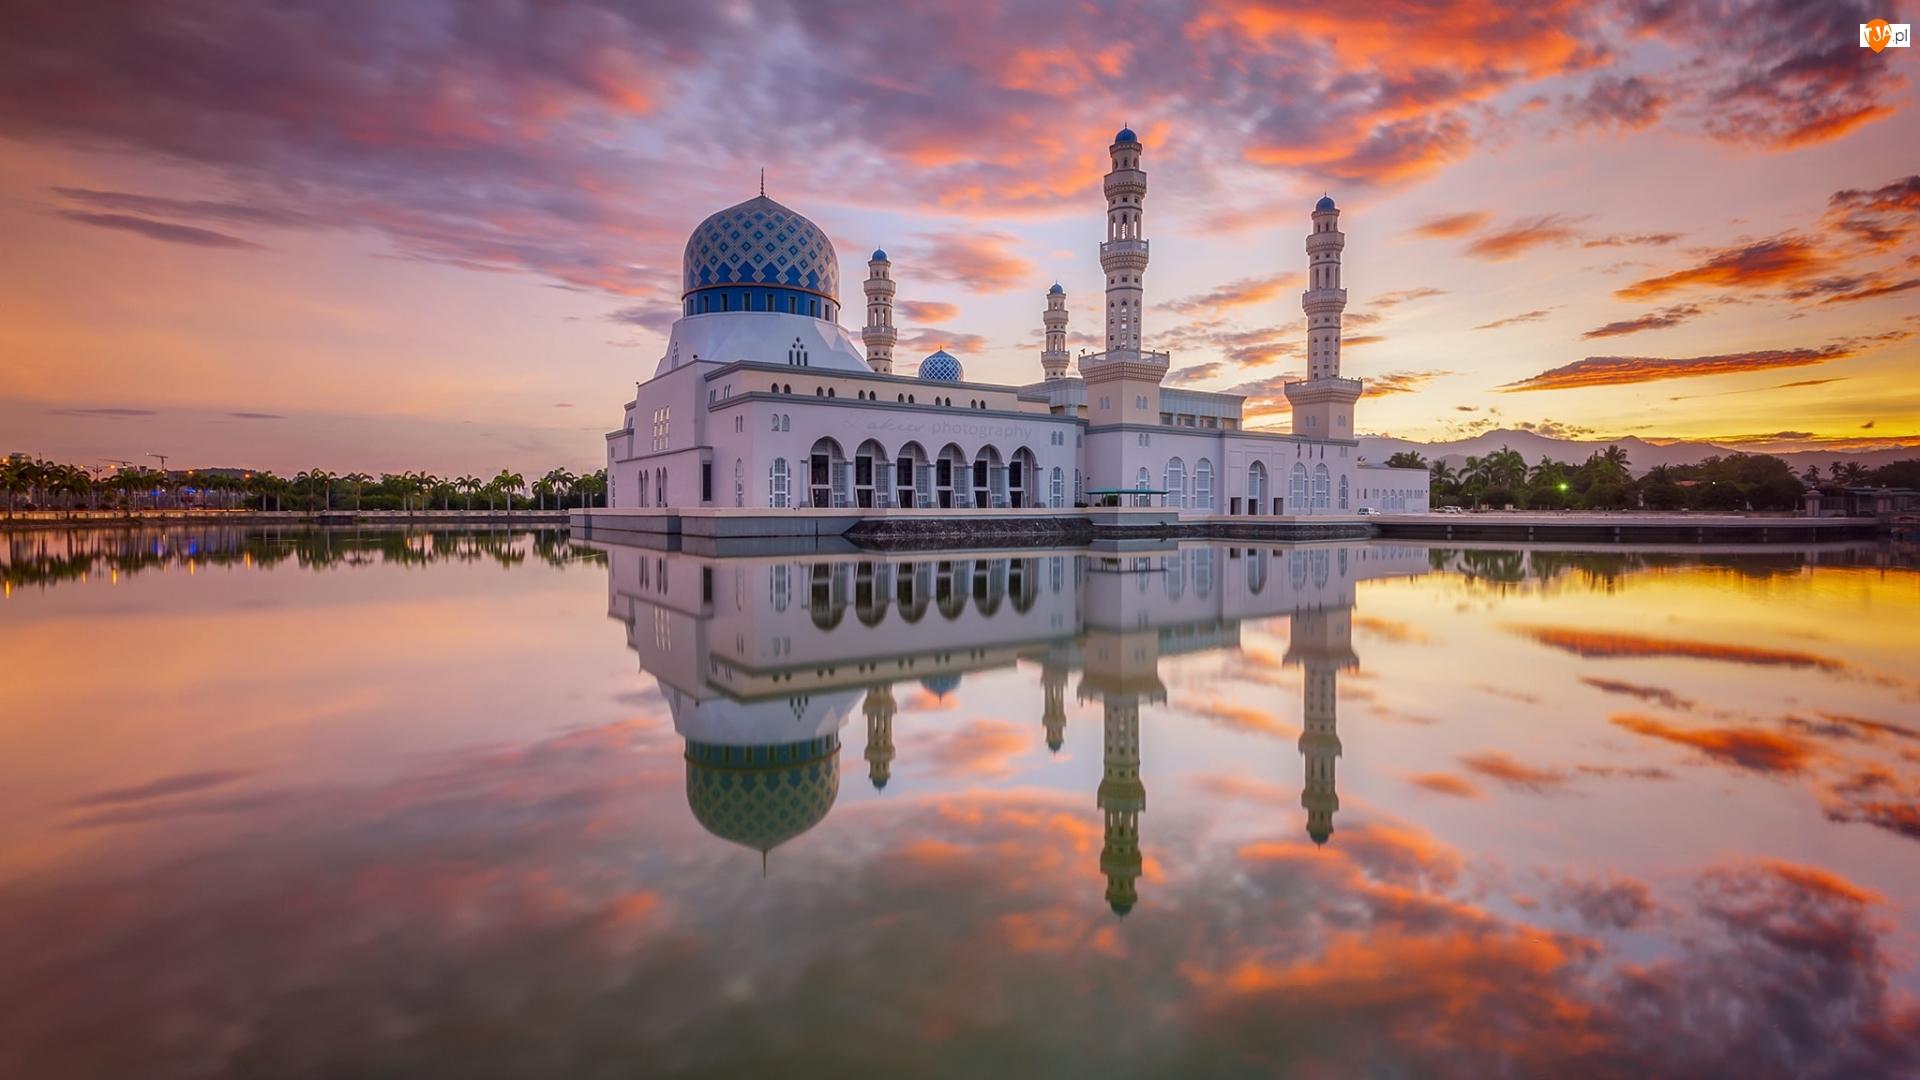 Malezja, Zachód Słońca, Kota Kinabalu, Meczet